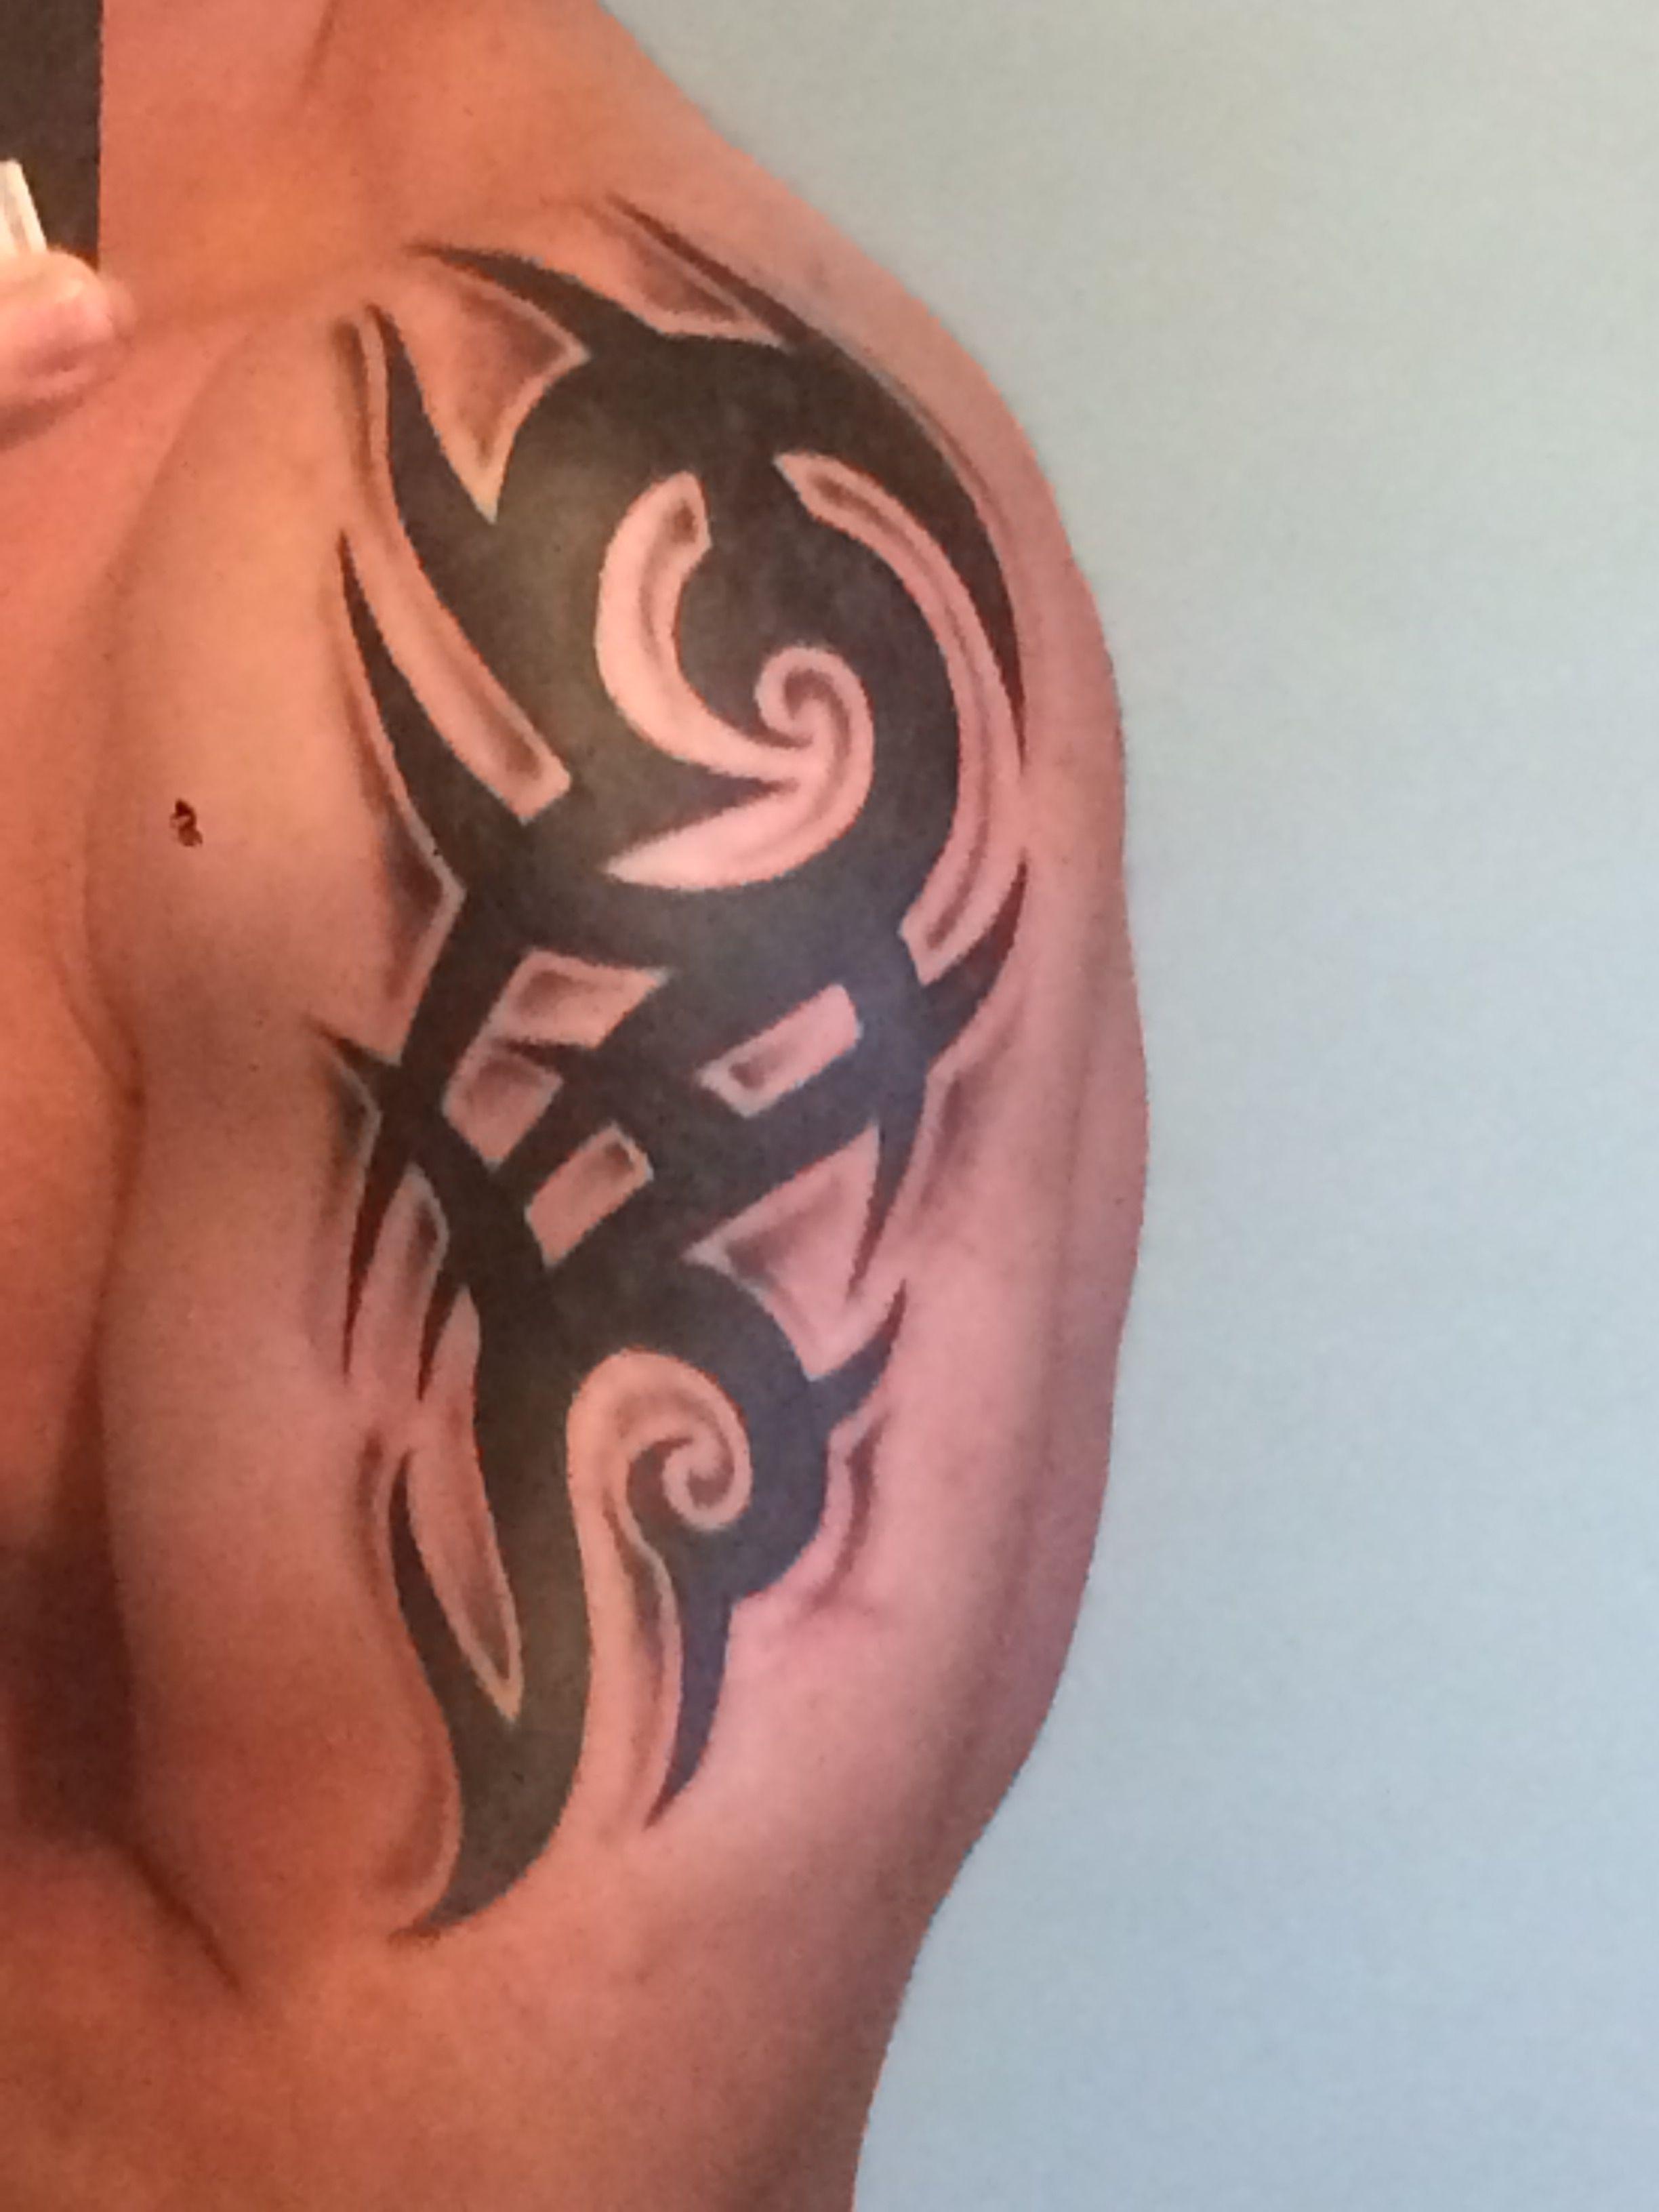 Pin De Saraith Miranda Em Tattoos Tatoo Tatuagens Tatuagem Maori